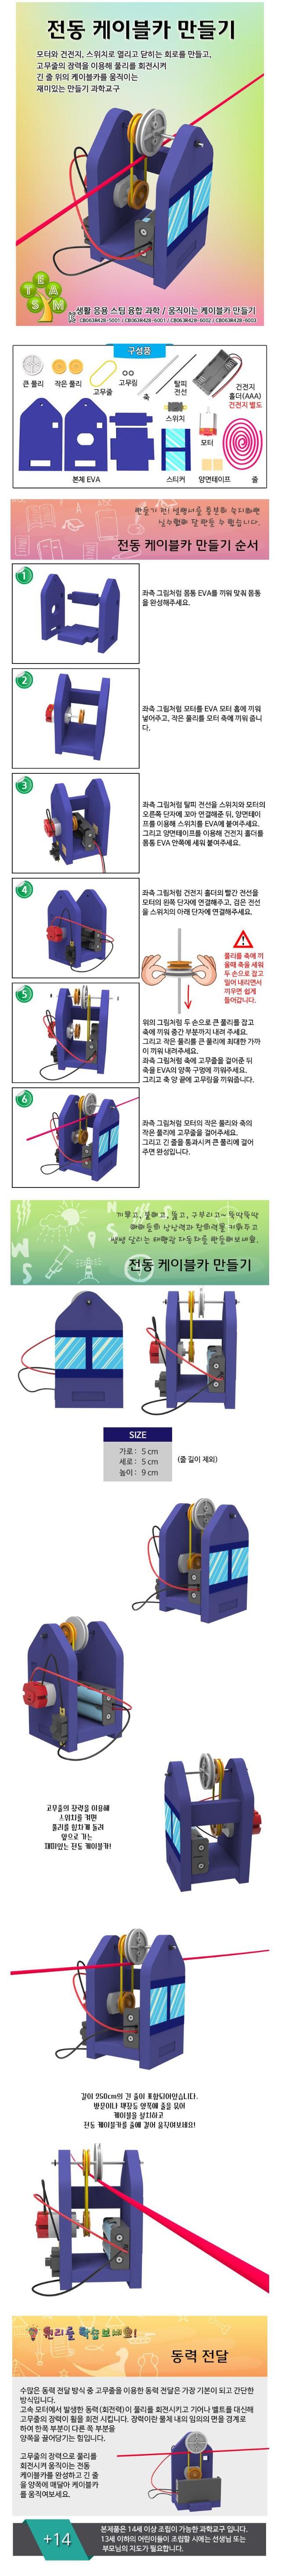 전동 케이블카 만들기.JPG